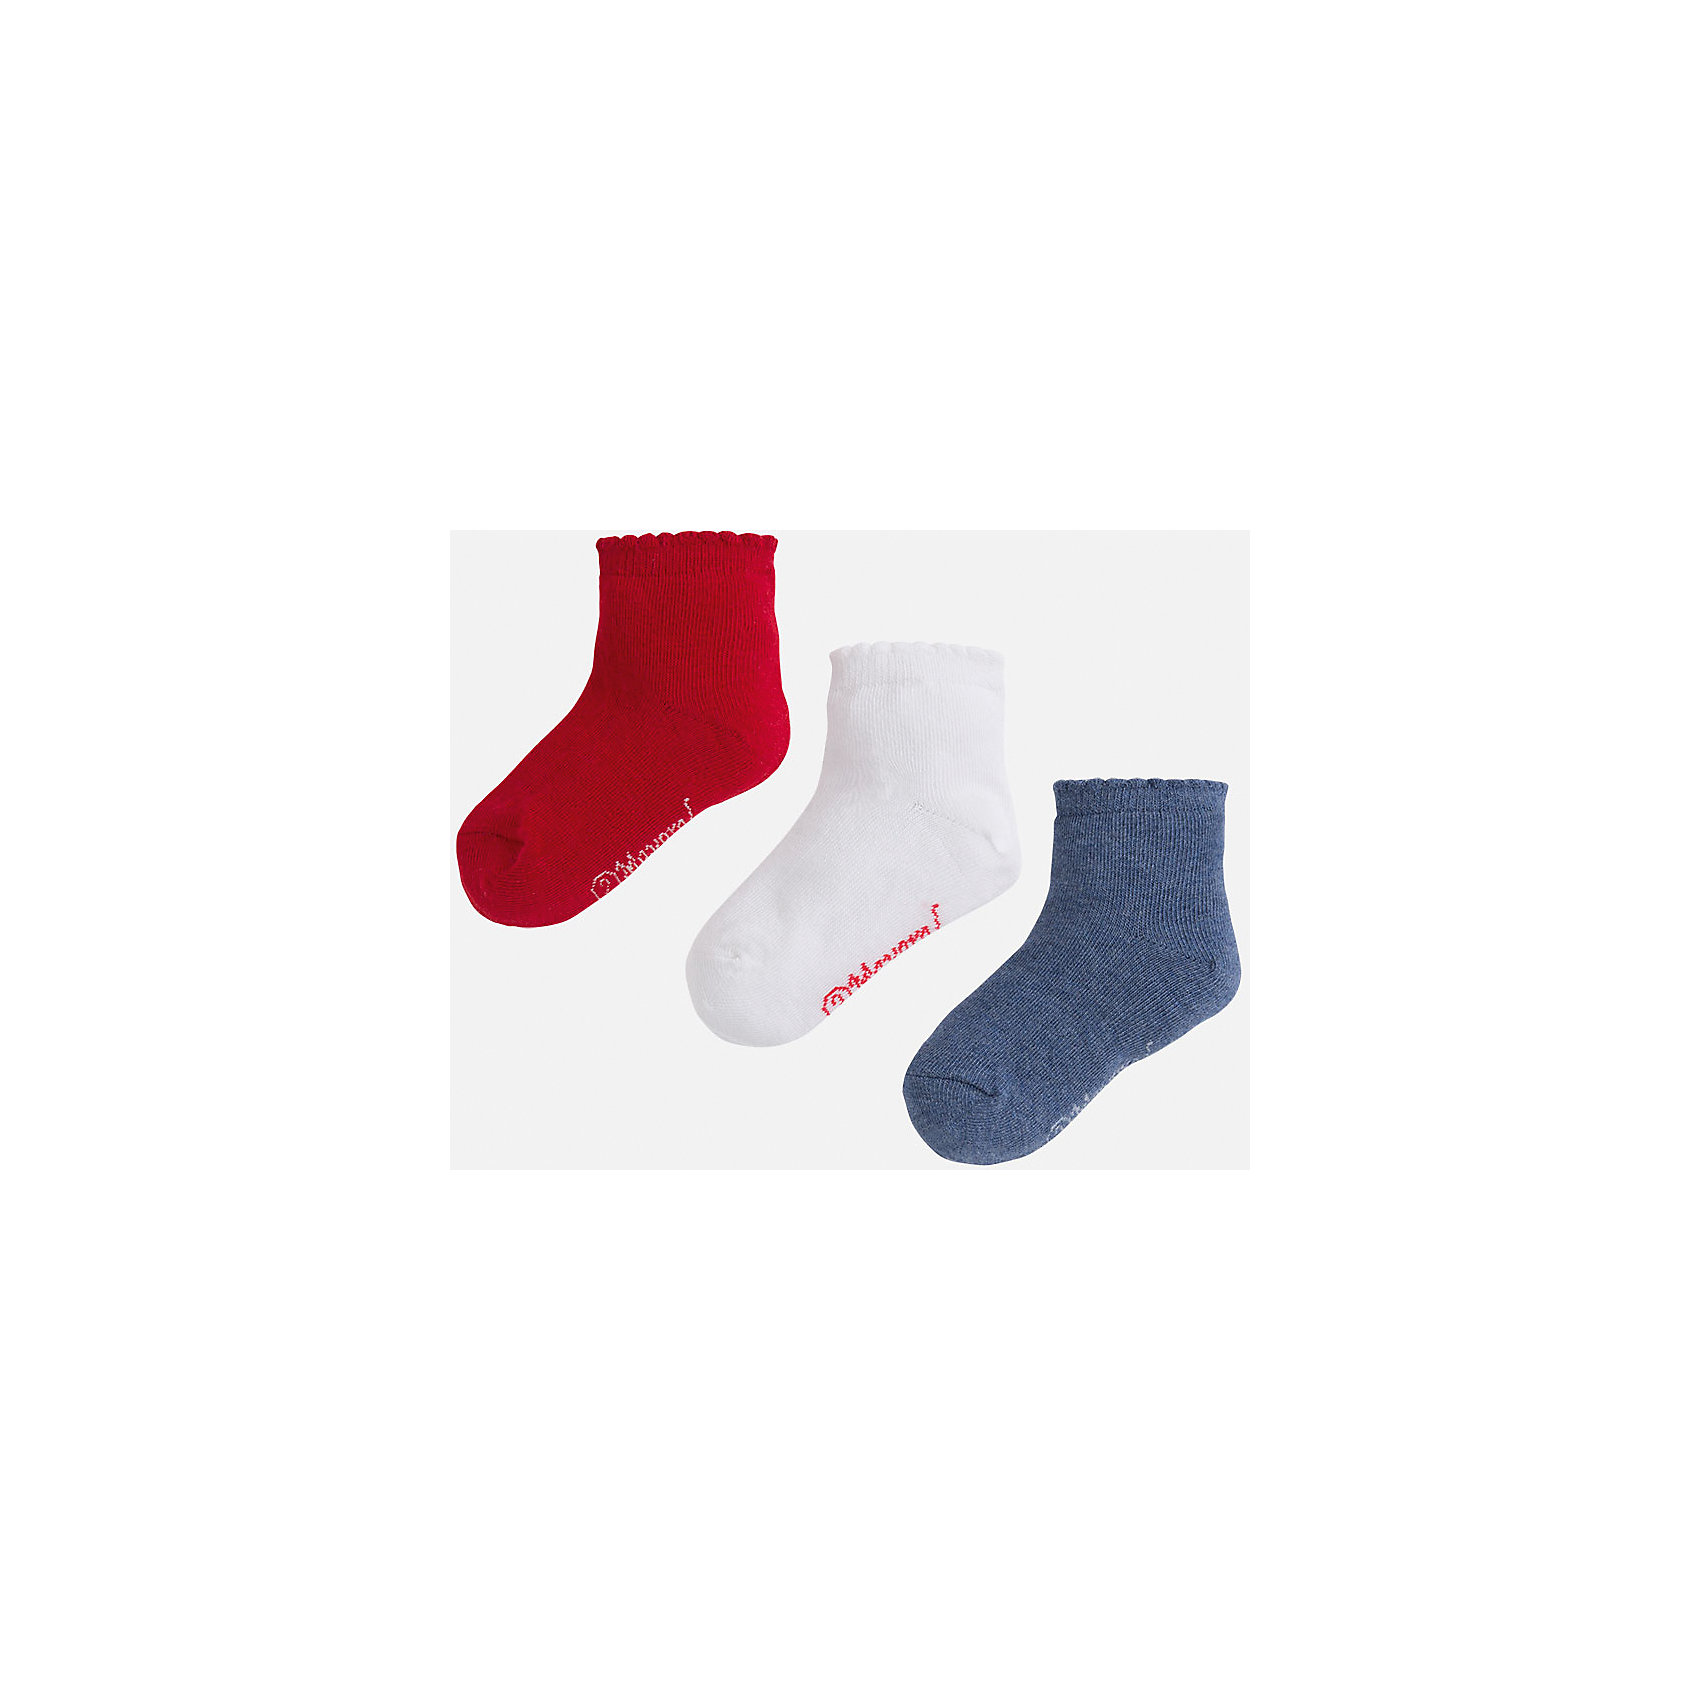 Носки,3 пары для девочки MayoralНоски<br>Комплект из трех пар носков для девочки от популярного испанского бренда Mayoral(Майорал). Все носки изготовлены из качественных прочных материалов, приятных телу. <br><br>Дополнительная информация:<br>Состав: 75% хлопок, 23% полиэстер, 2% эластан<br>Цвет: красный/белый/синий<br>Носки для девочки Mayoral(Майорал) можно купить в нашем интернет-магазине.<br><br>Ширина мм: 87<br>Глубина мм: 10<br>Высота мм: 105<br>Вес г: 115<br>Цвет: серый<br>Возраст от месяцев: 96<br>Возраст до месяцев: 108<br>Пол: Женский<br>Возраст: Детский<br>Размер: 32,29,28,27<br>SKU: 4847713